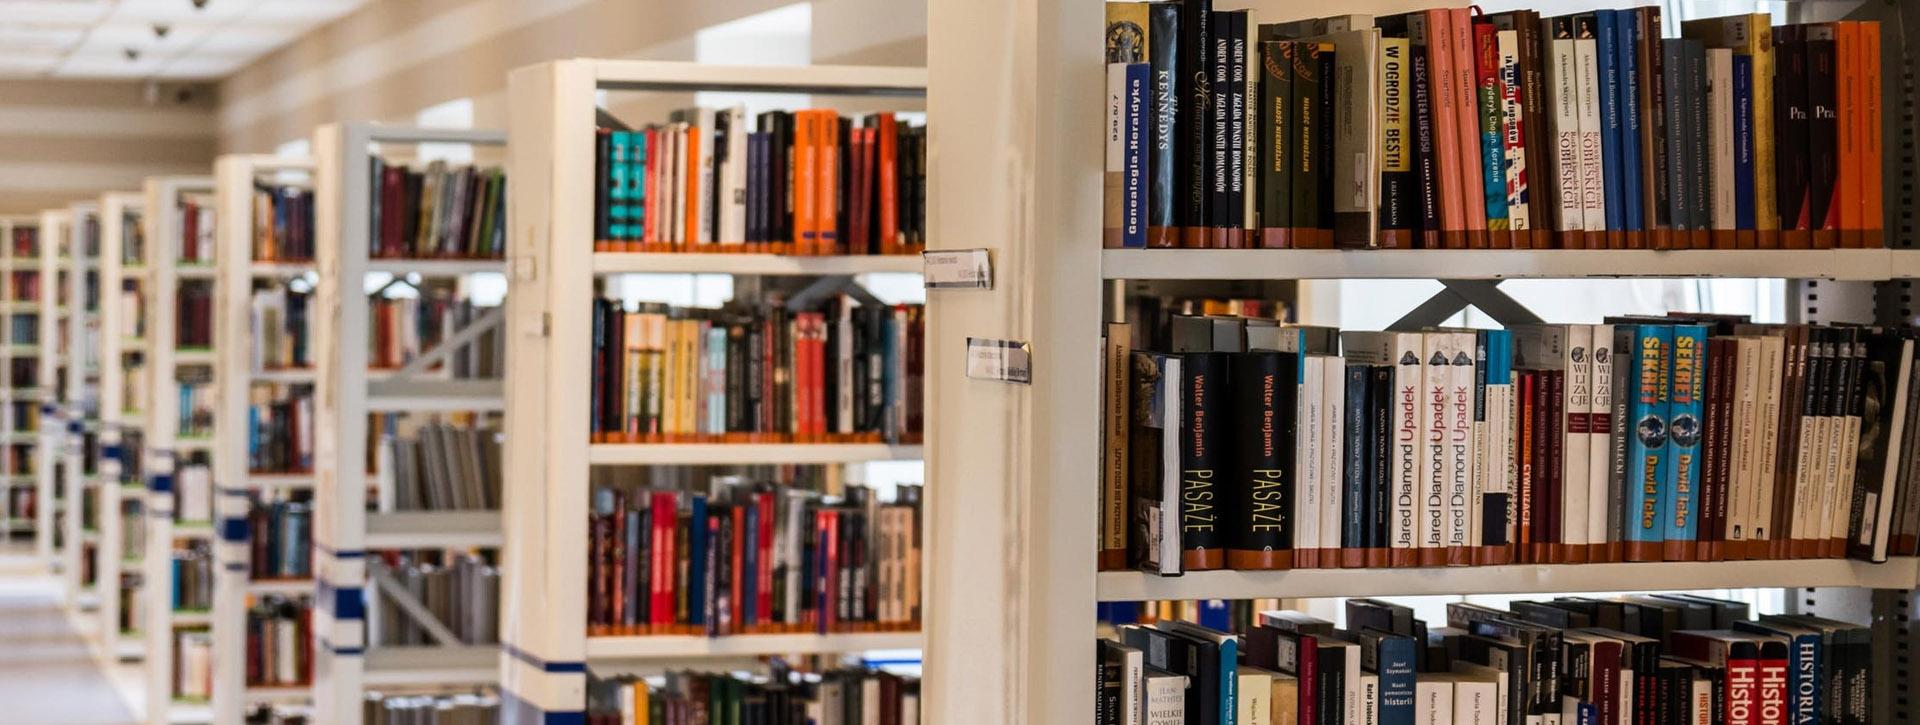 Bibliotek Uppsala